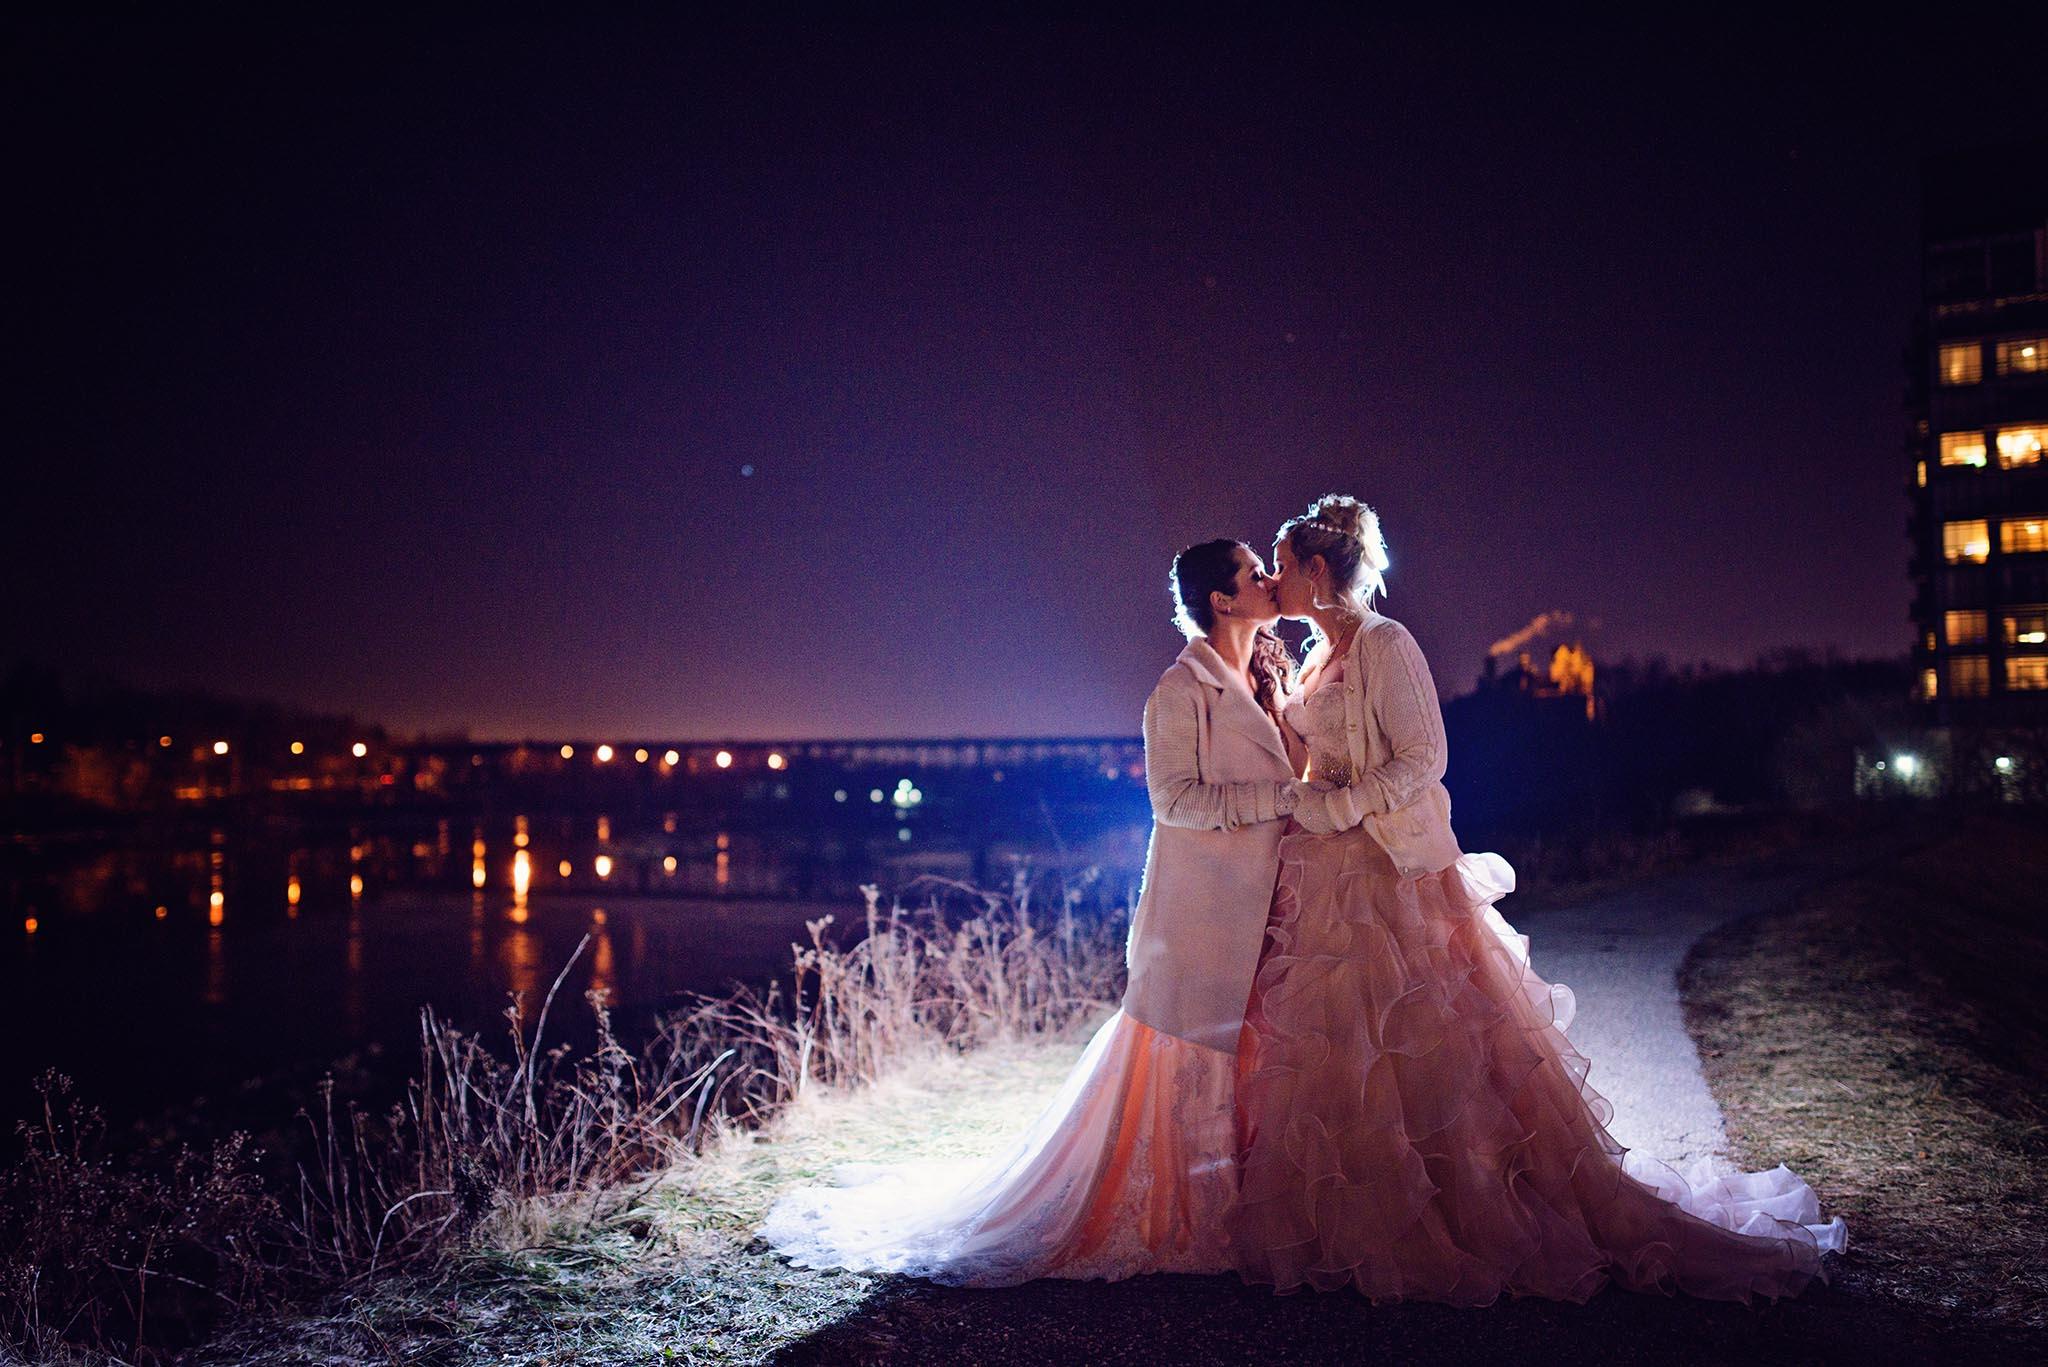 Peter-Bendevis-Photography-Kris-Laura-Cambridge-Mill-Winter-Wedding25